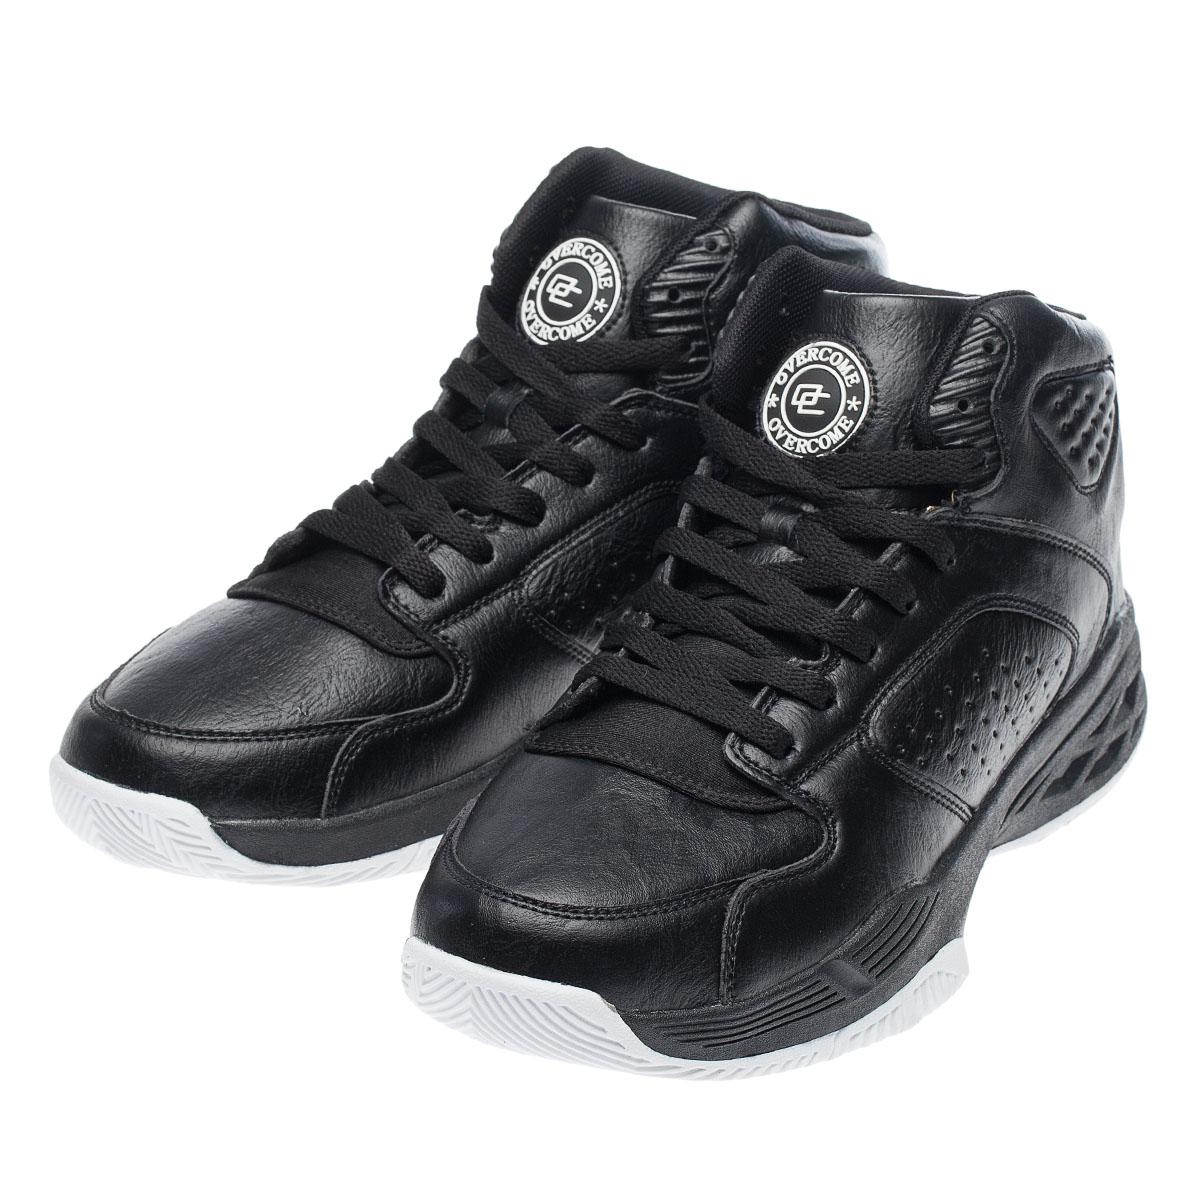 Ботинки демисезонные Overcome, 86355 демисезонные ботинки old beijing cloth shoes 156